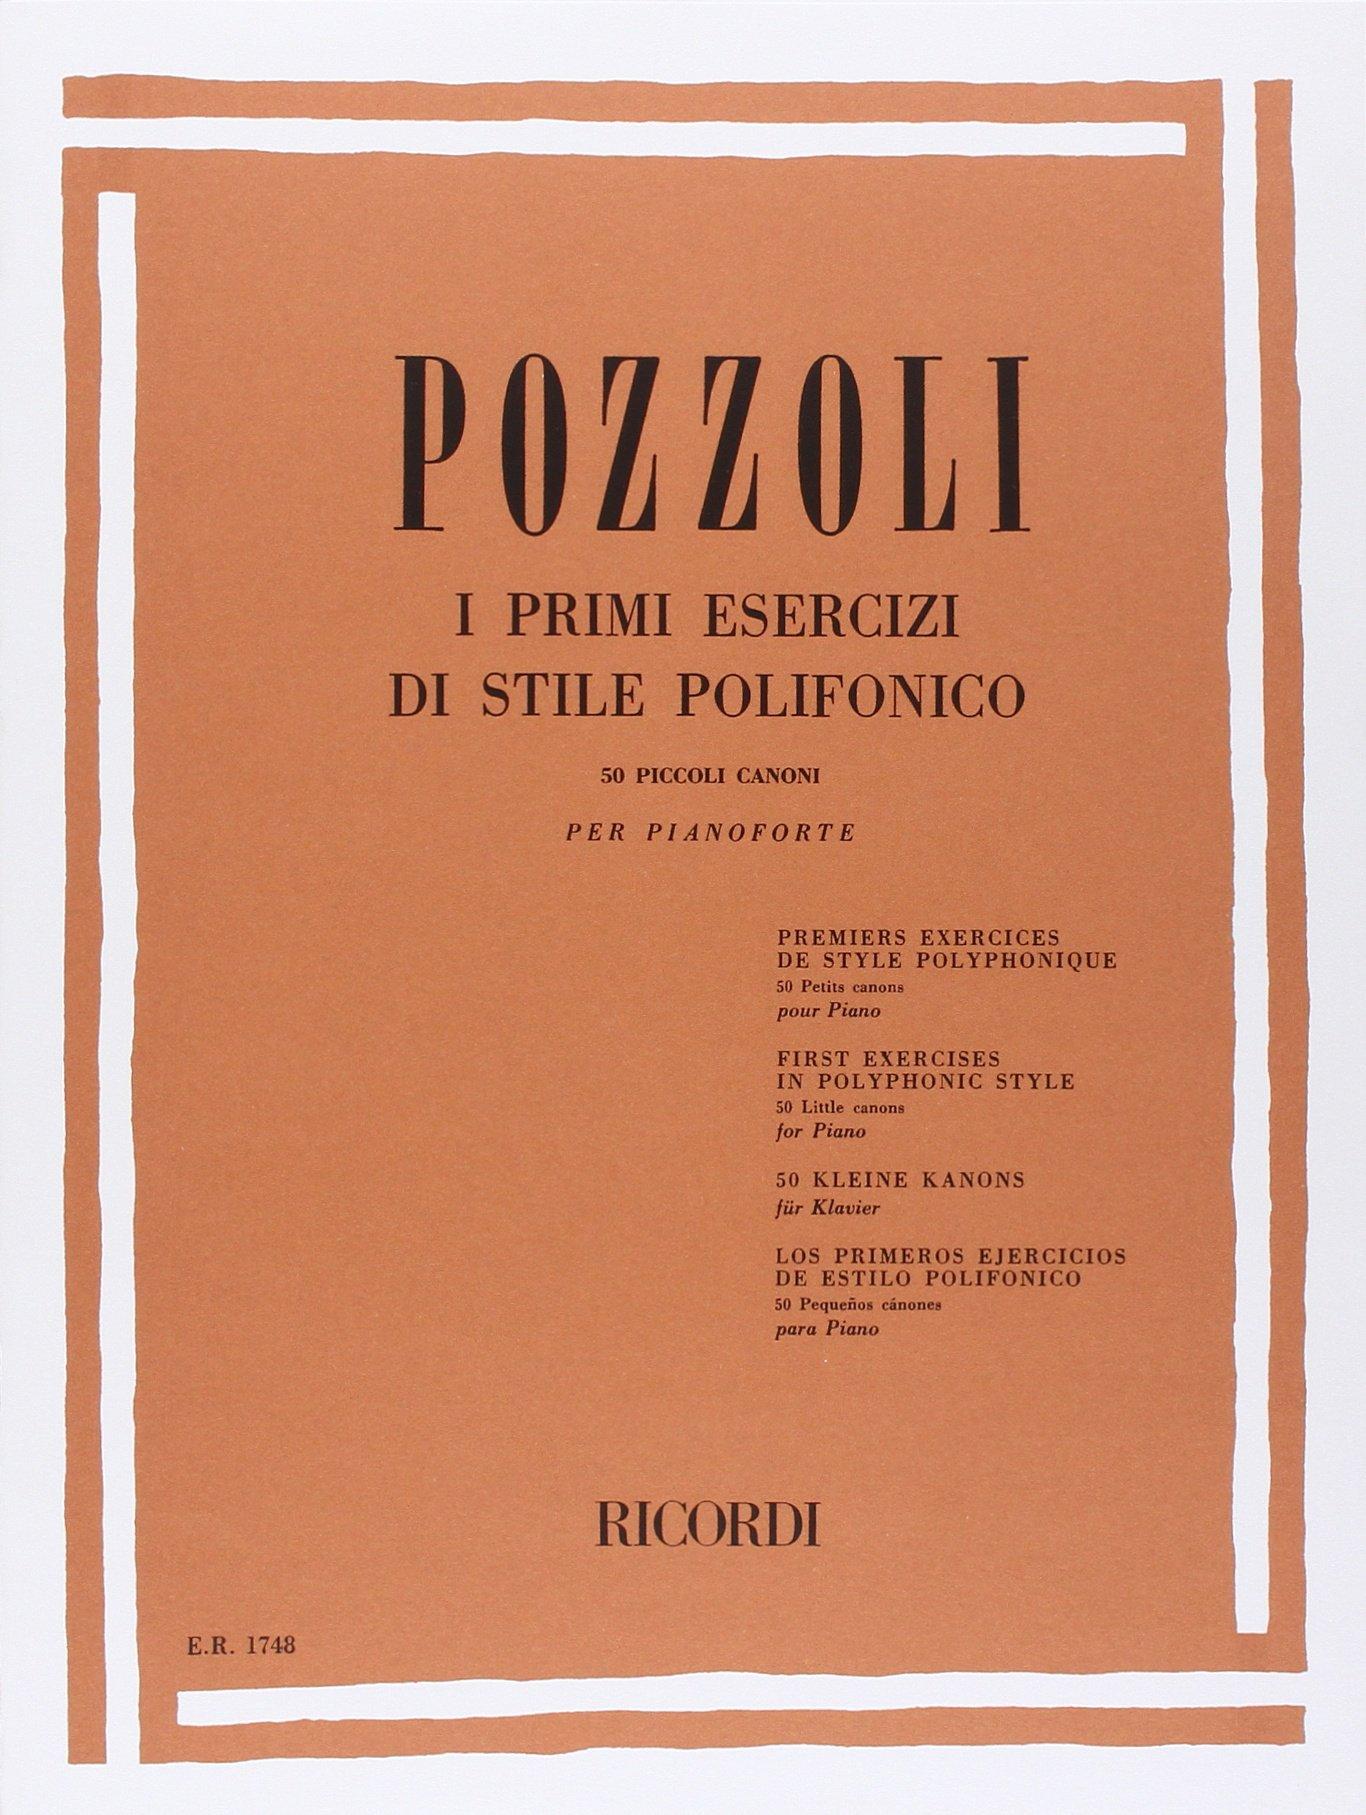 PRIMI ESERCIZI DI STILE POLIFONICO (Francese) Copertina flessibile – 1 gen 1984 POZZOLI E. Ricordi 0041817486 Musique